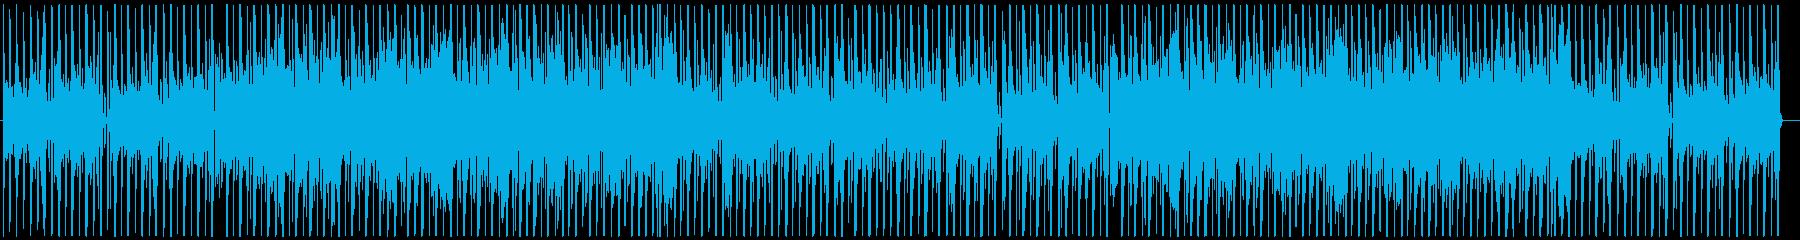 お洒落なジャズHipHop(ラジオ音無しの再生済みの波形